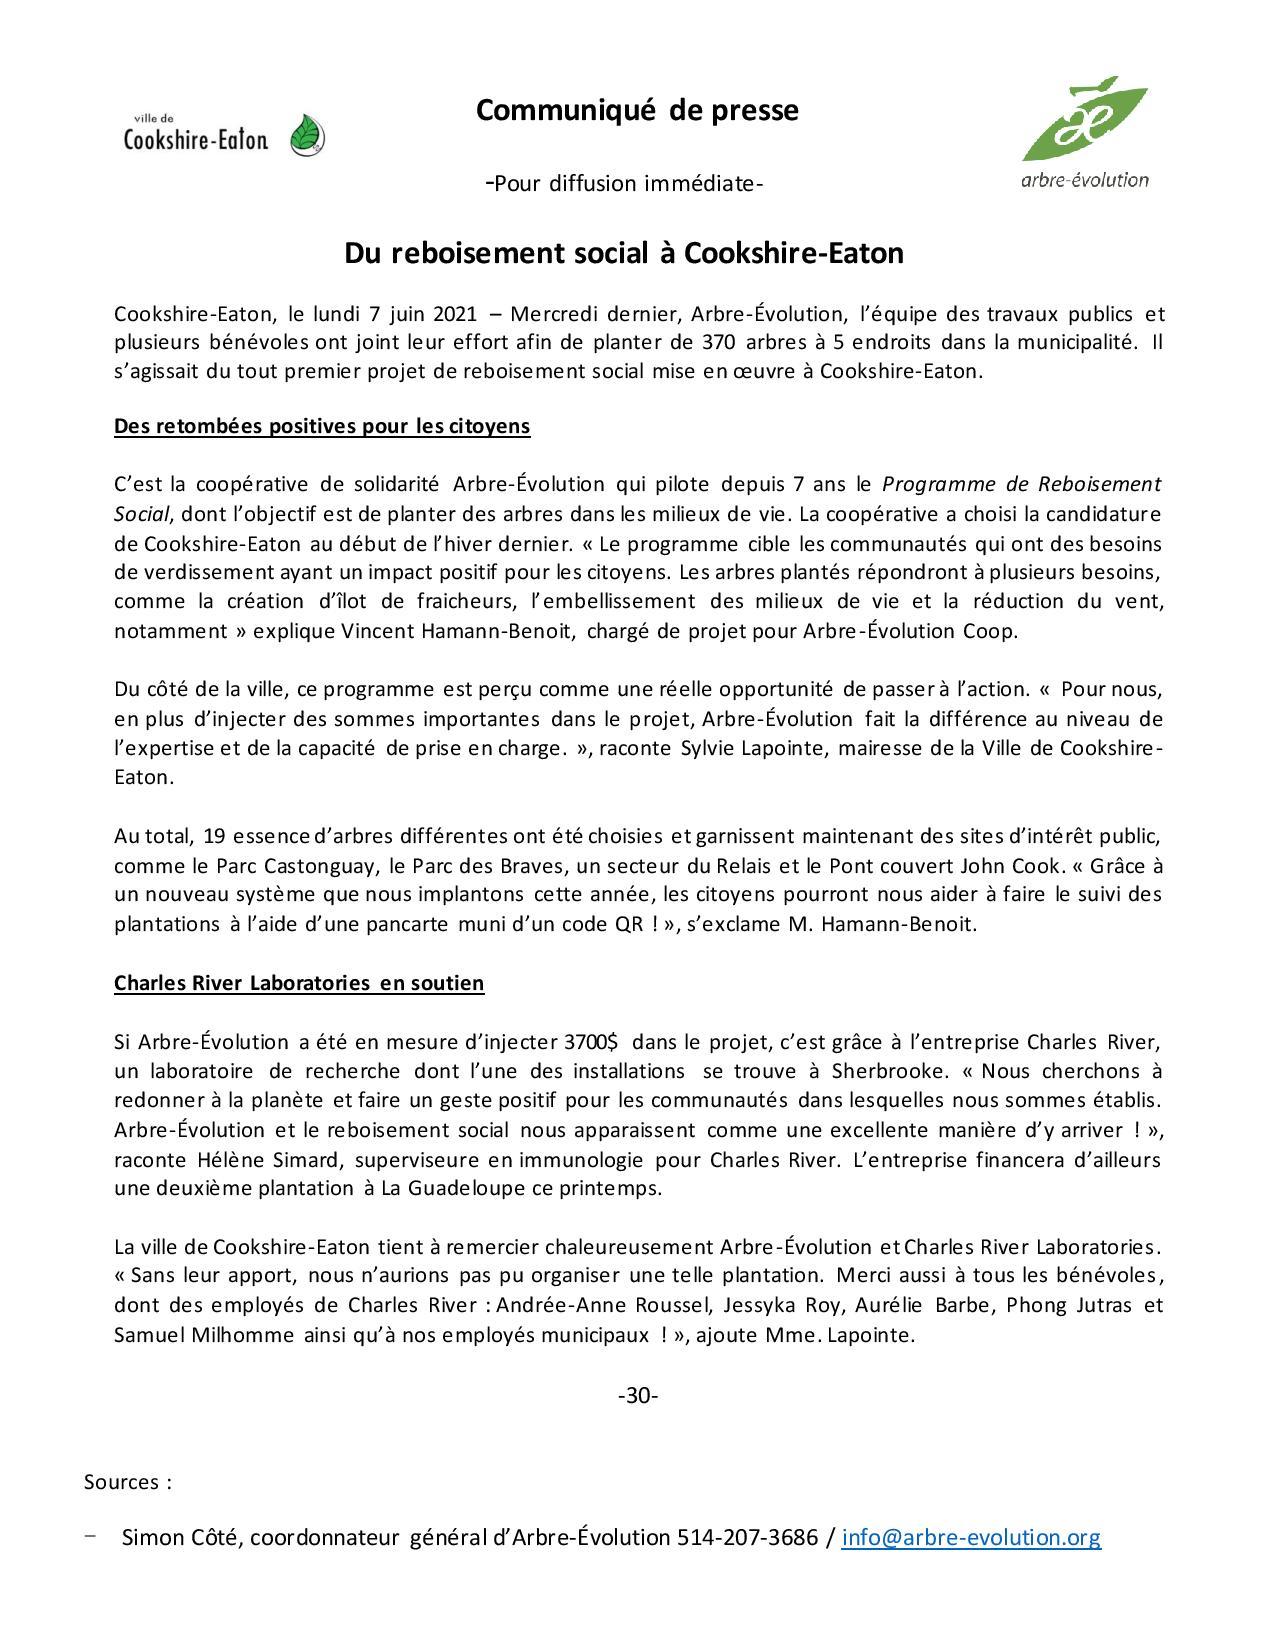 Communiqué de presse - Cookshire-Eaton VF